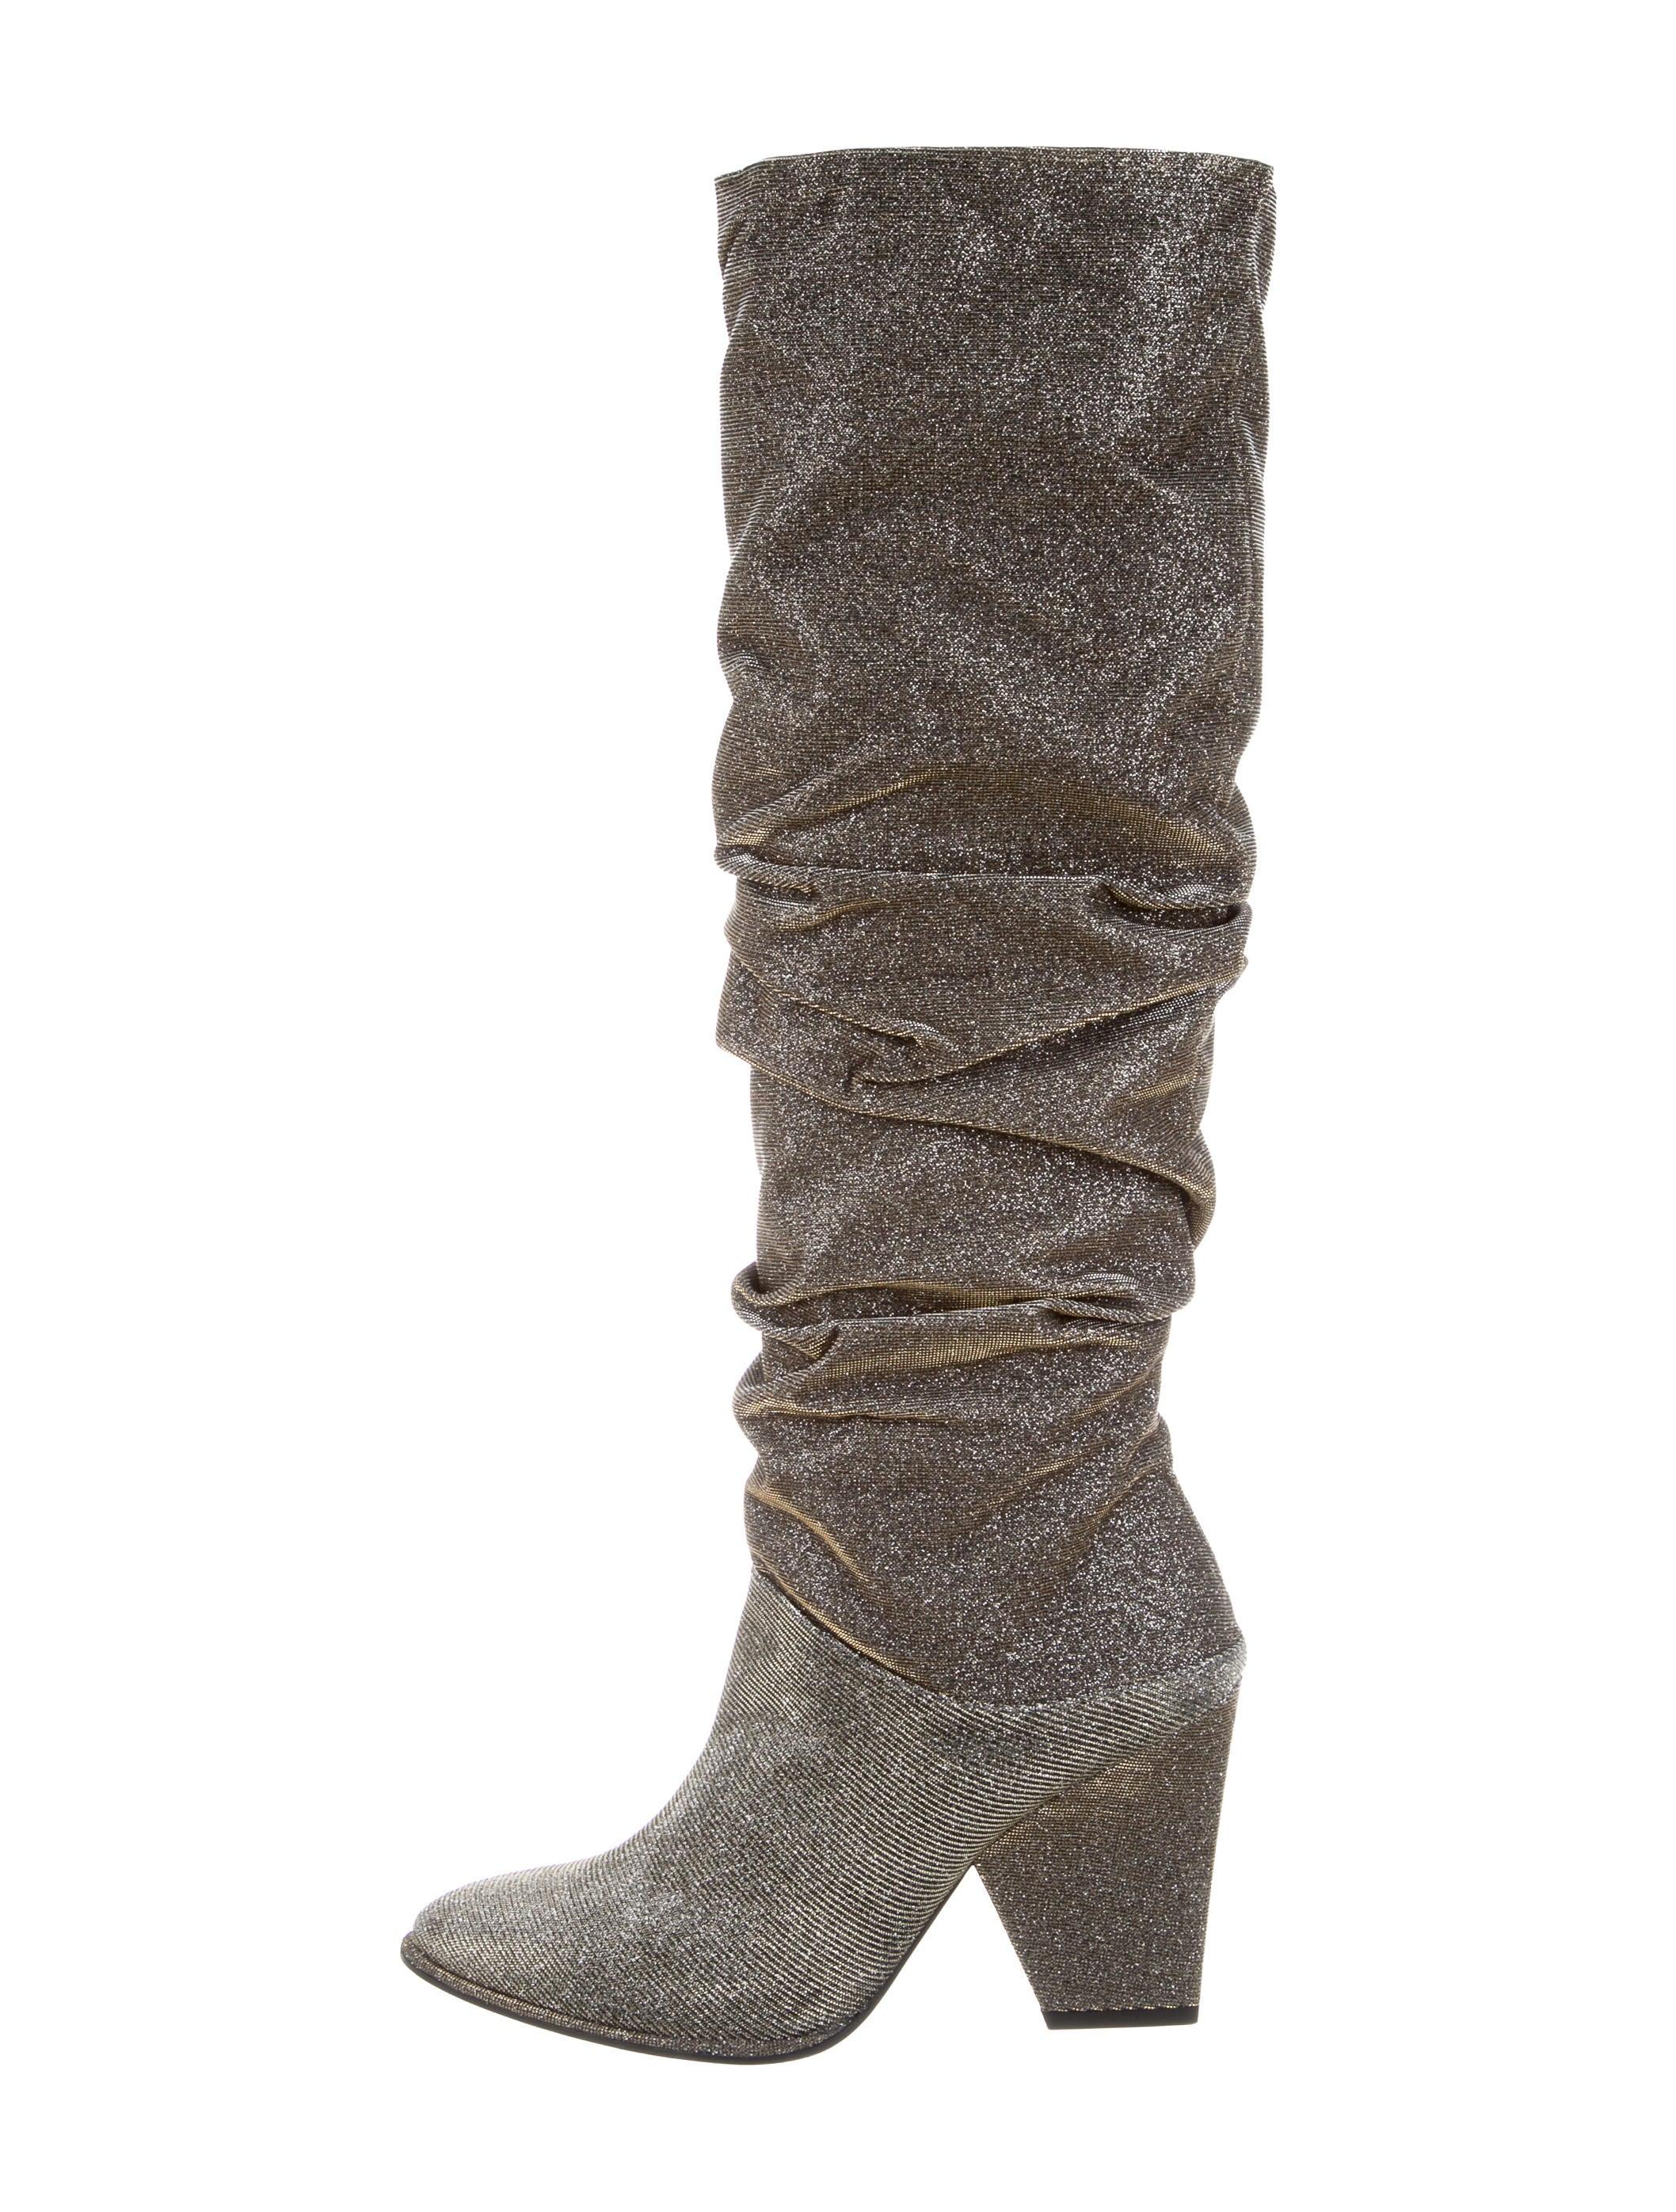 sale choice 2014 unisex Stuart Weitzman 2017 Smashing Boots 0ToYU